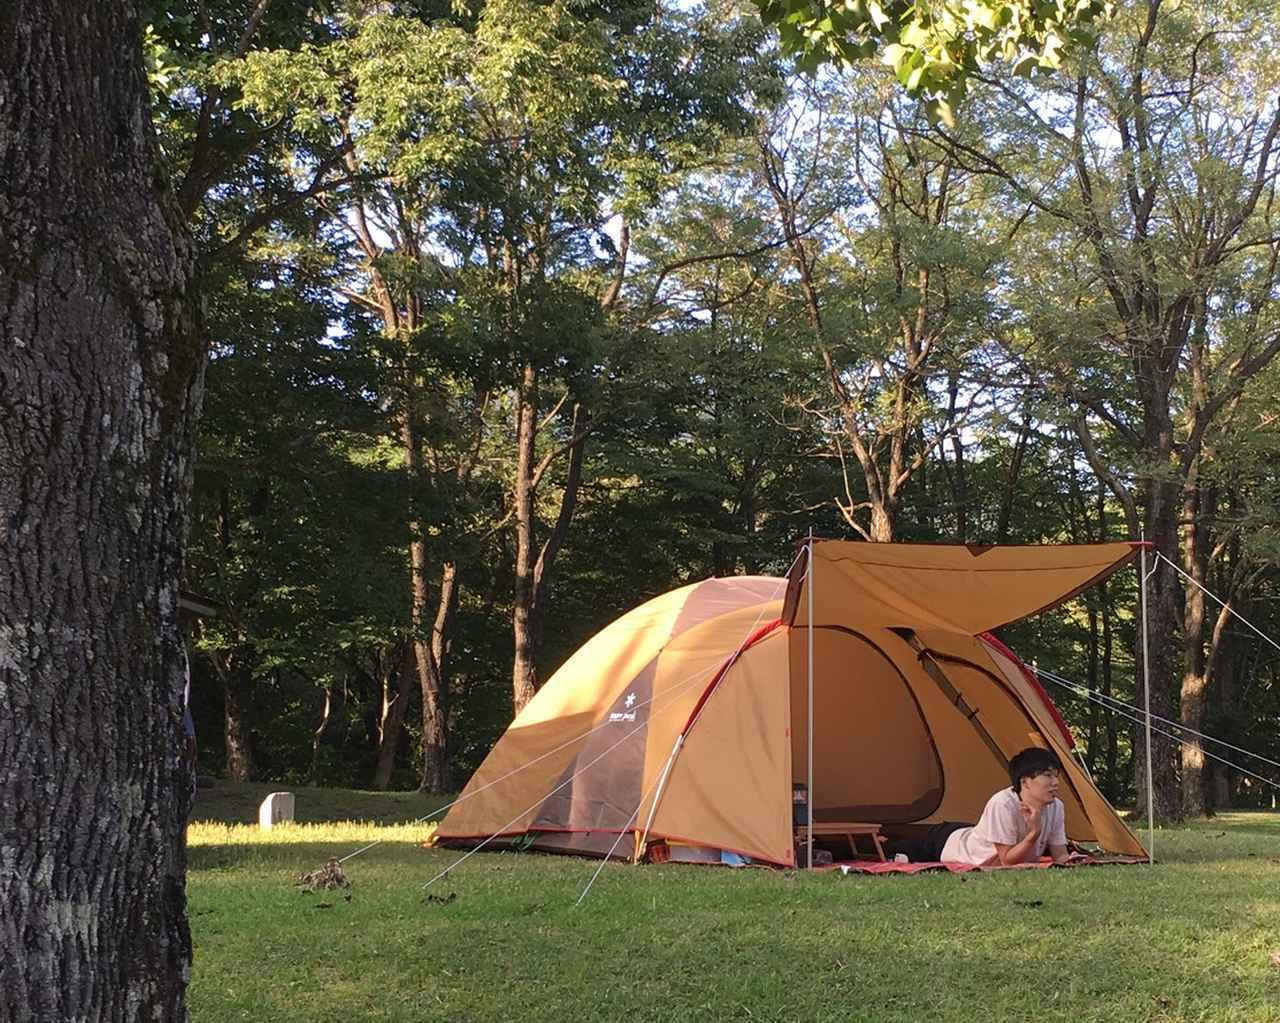 画像: 【初心者ファミリー向け】家族キャンプにおすすめなドーム型テント9選 人数別で比較◎ - ハピキャン|キャンプ・アウトドア情報メディア